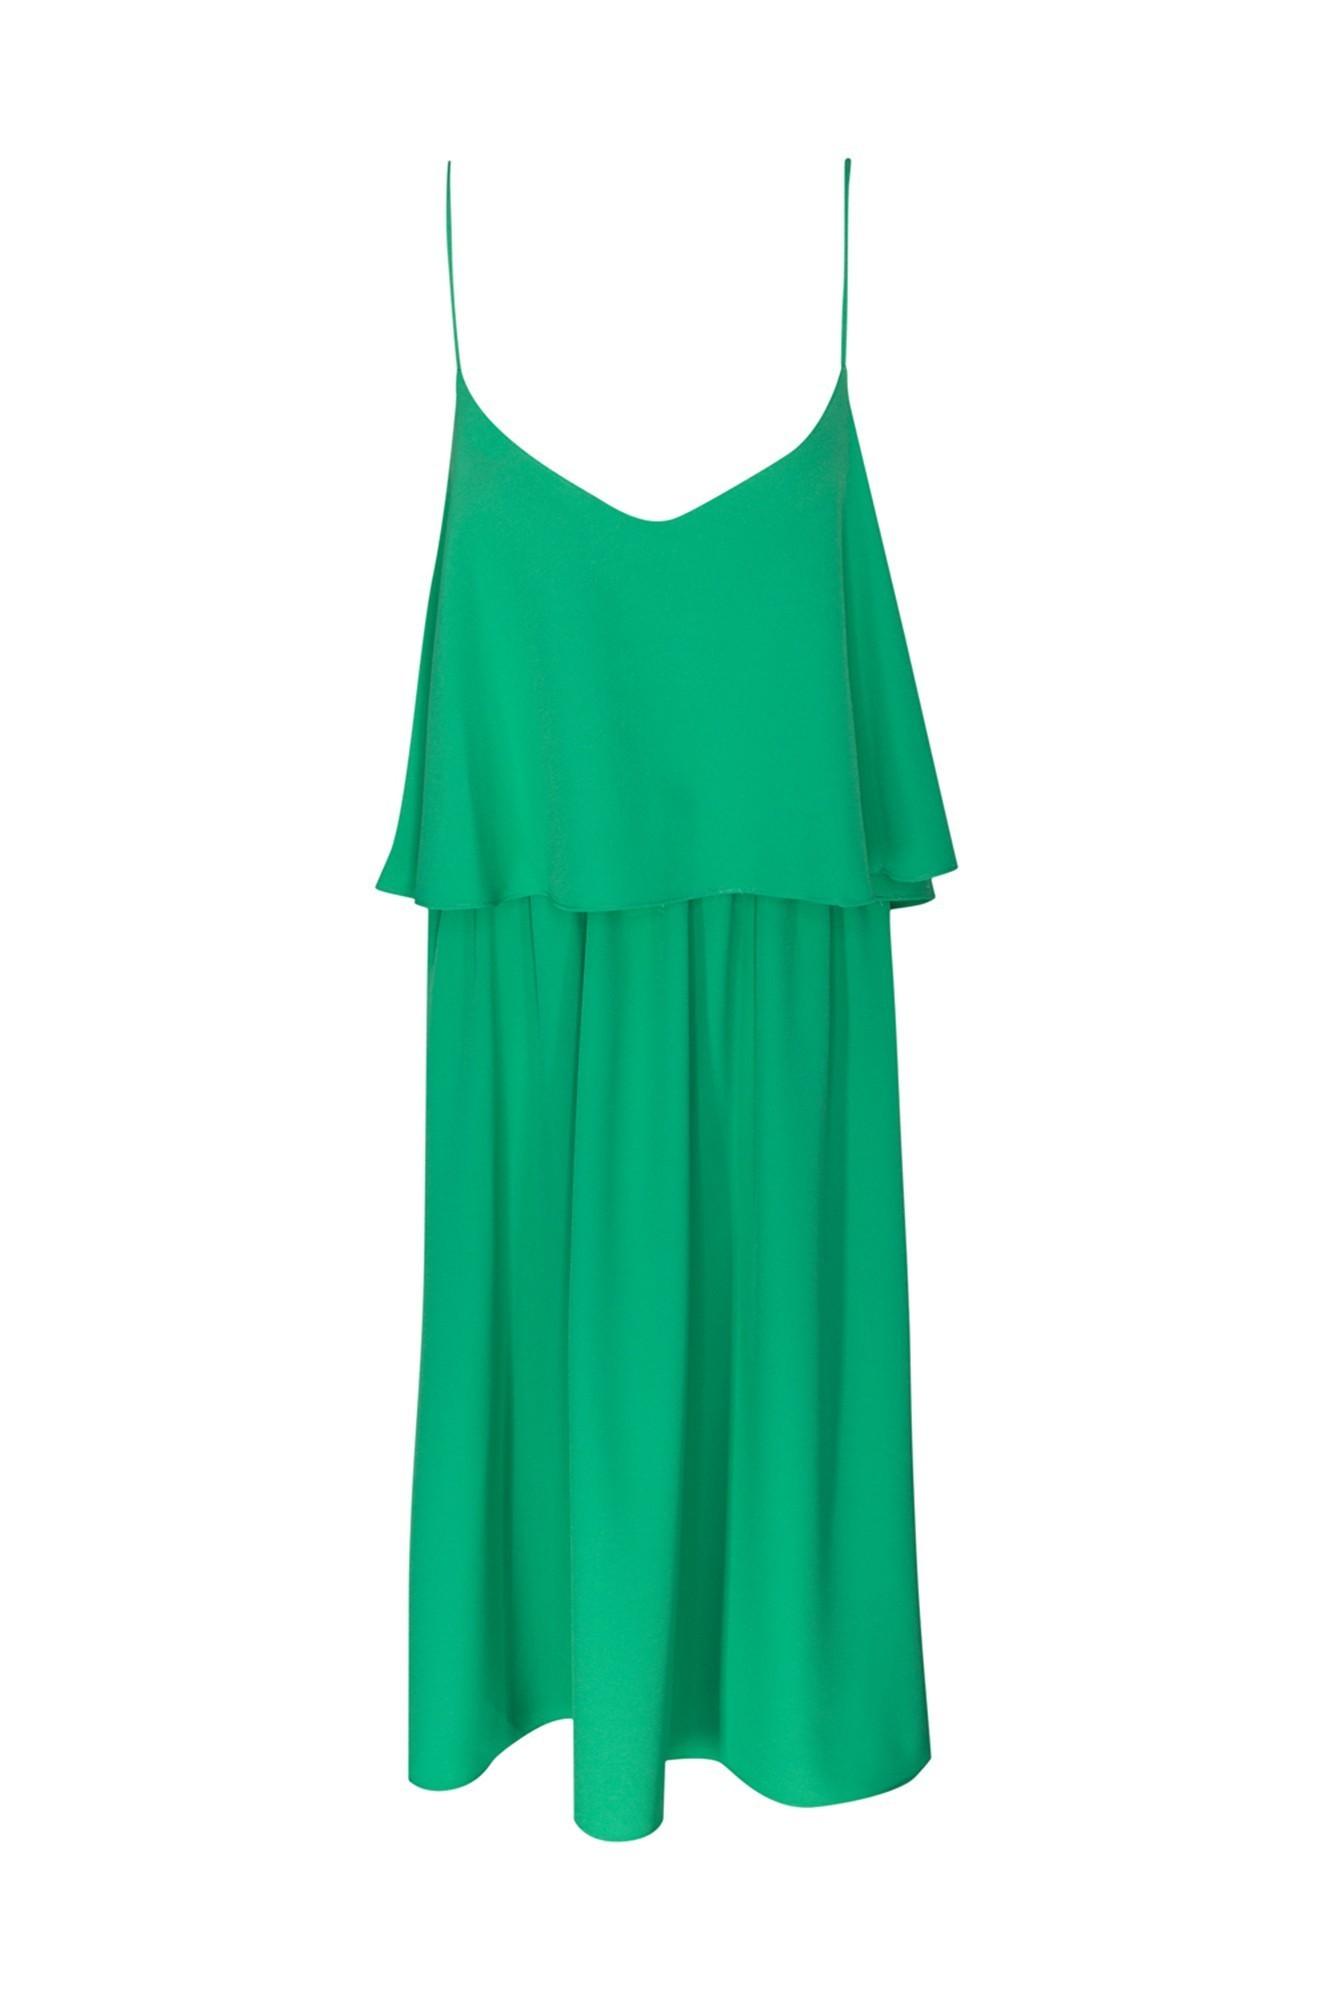 SUNNE GREEN DRESS